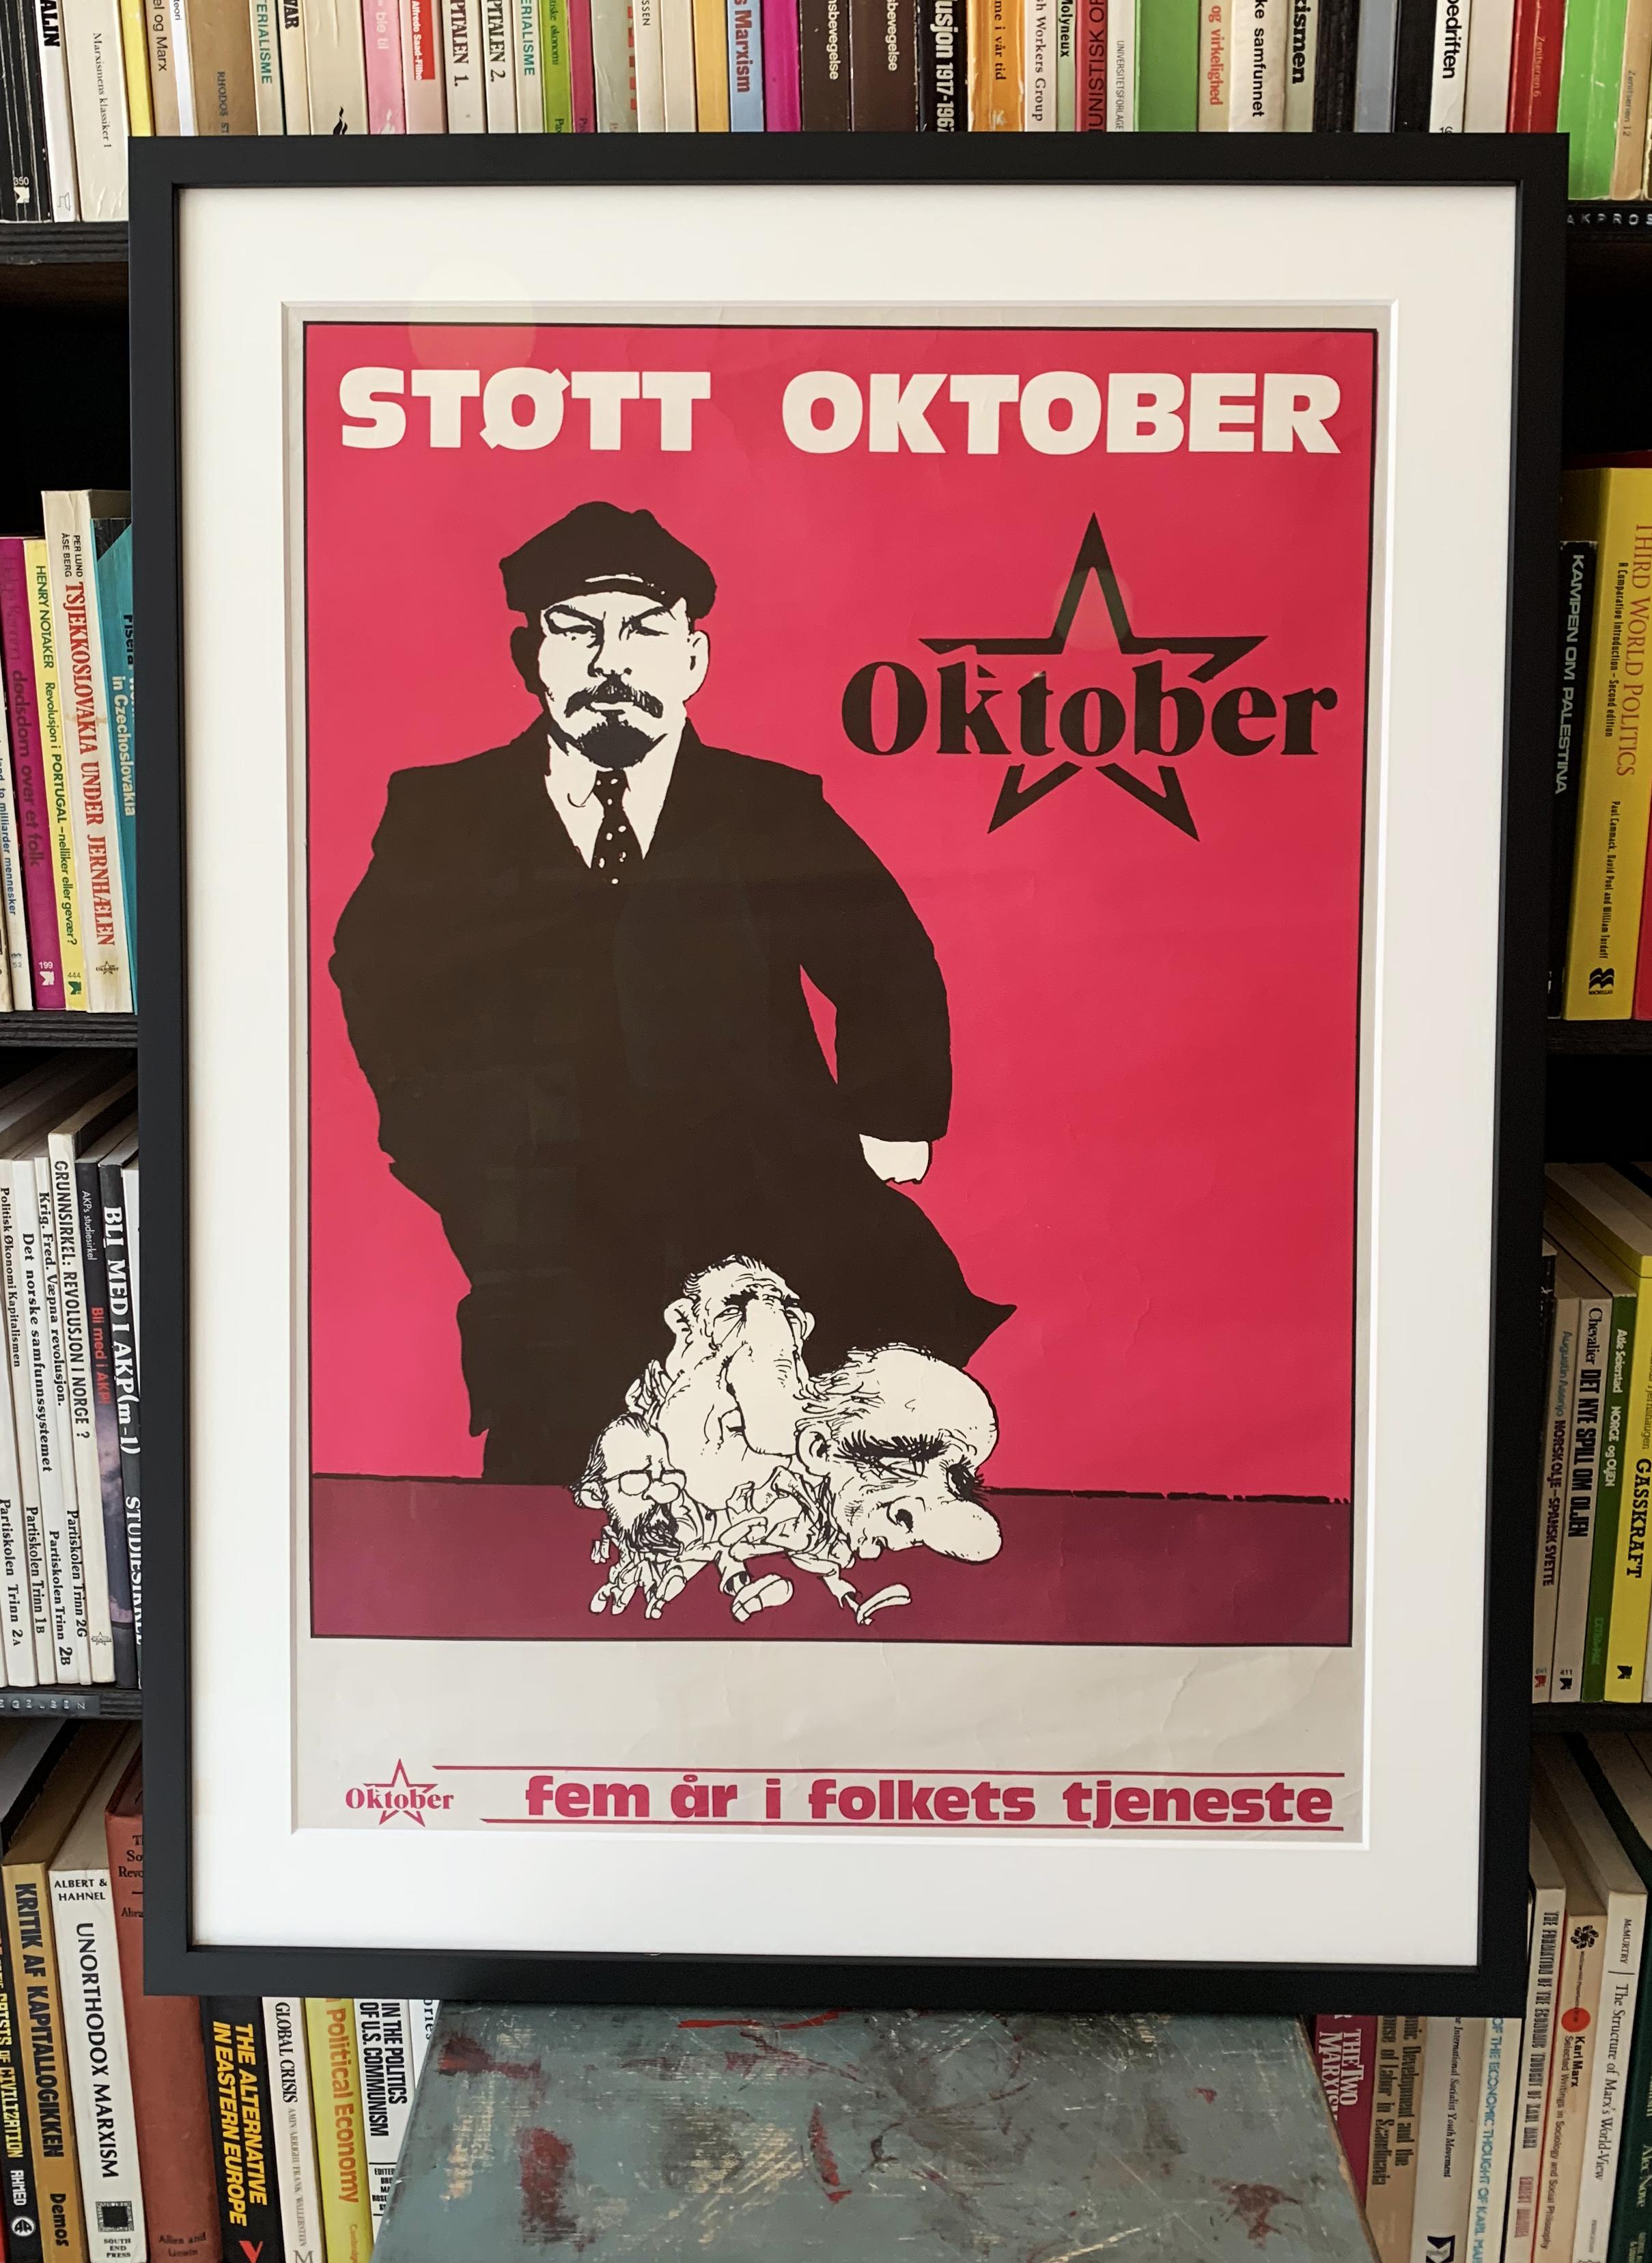 Støtt Oktober - Fem år i folkets tjeneste (1975)